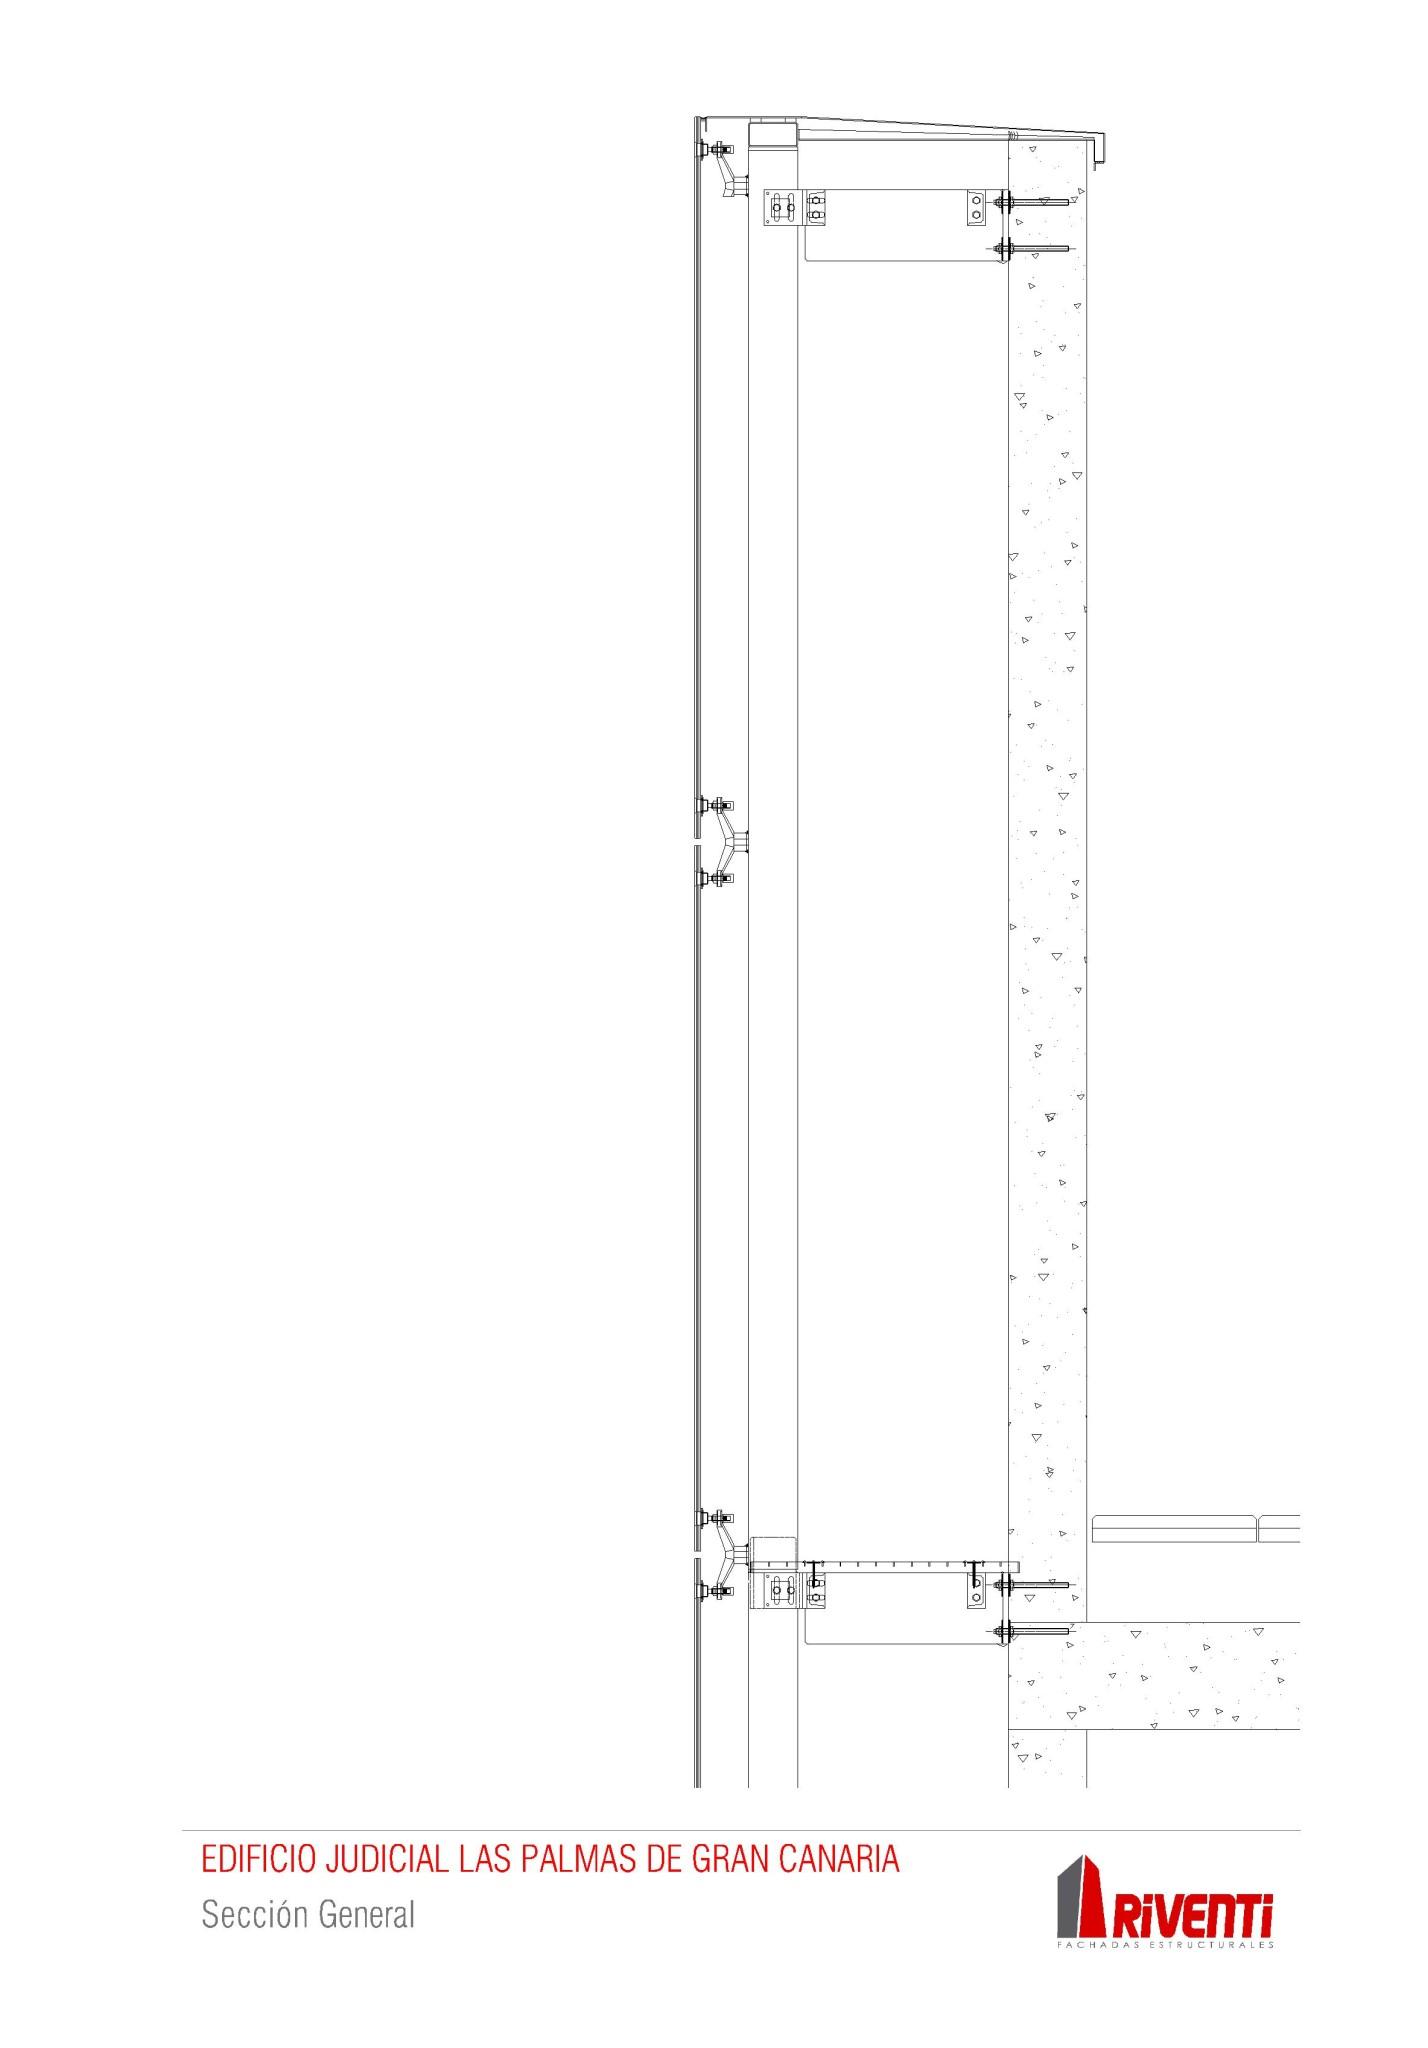 R-100_EDIFICIO JUDICIAL LAS PALMAS-Sección_WEB_1_1-20 (2)